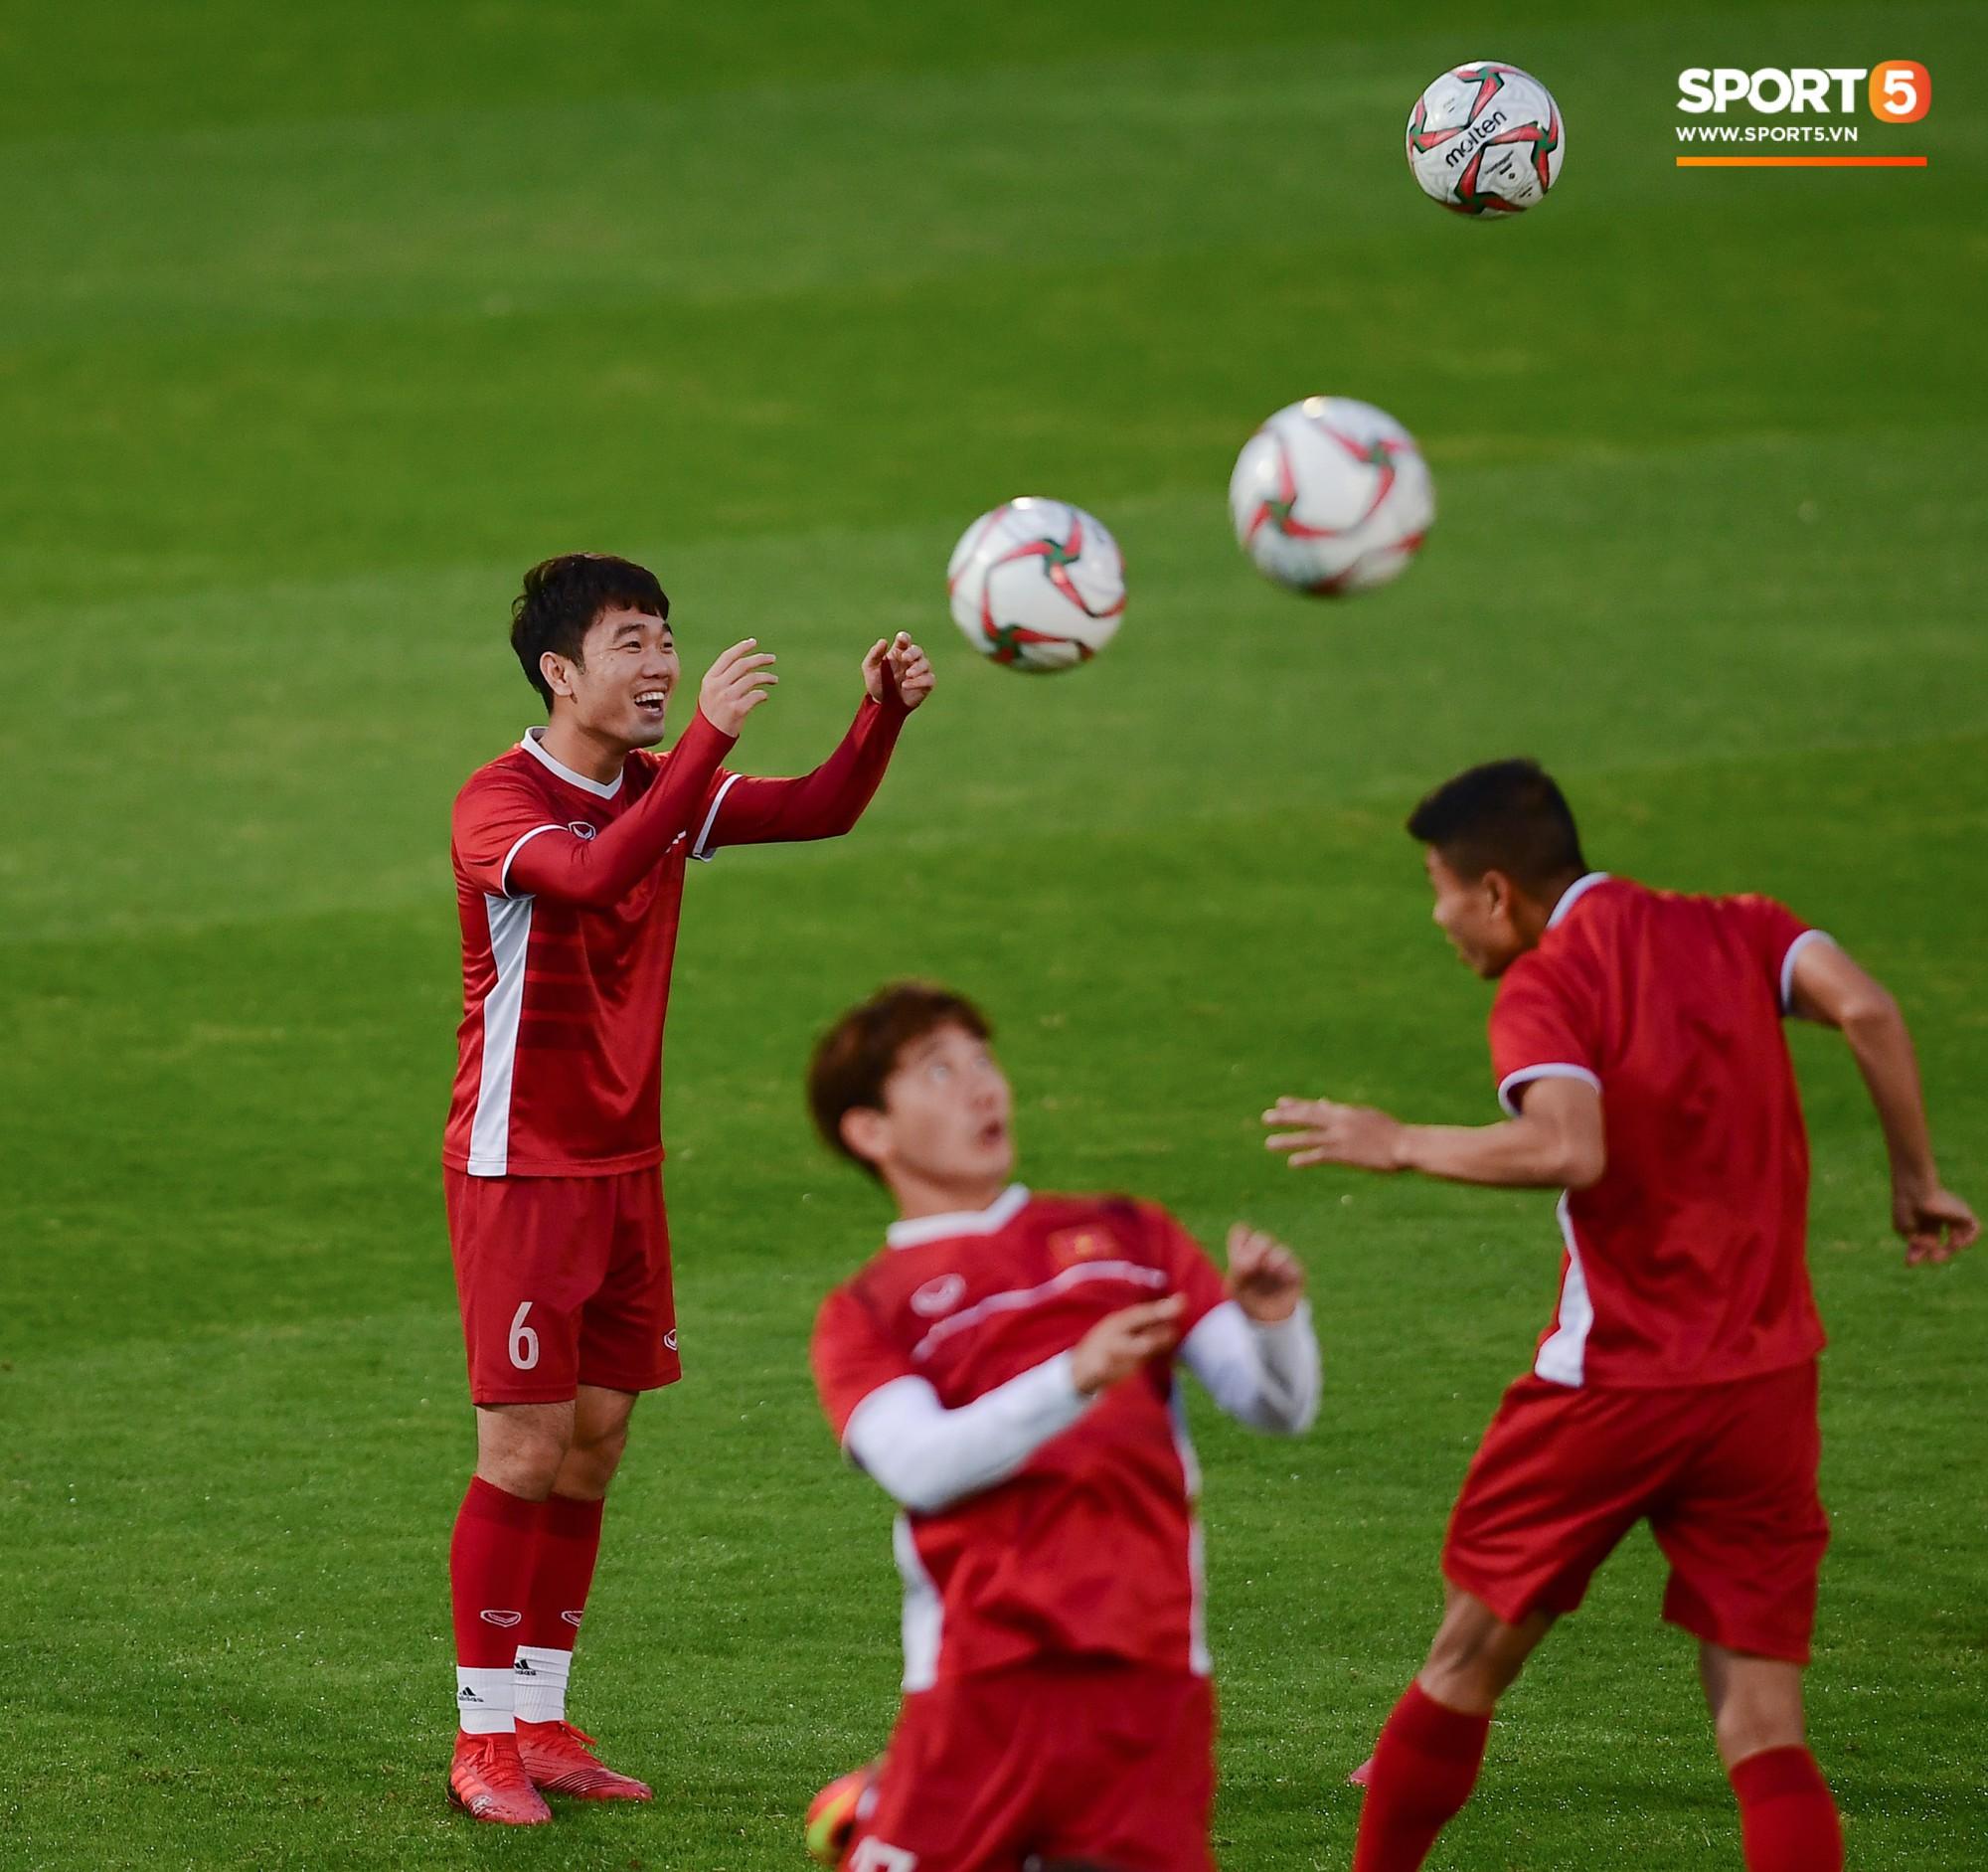 Xuân Trường cười tỏa nắng trong buổi tập trước trận ra quân tại Asian Cup 2019-5